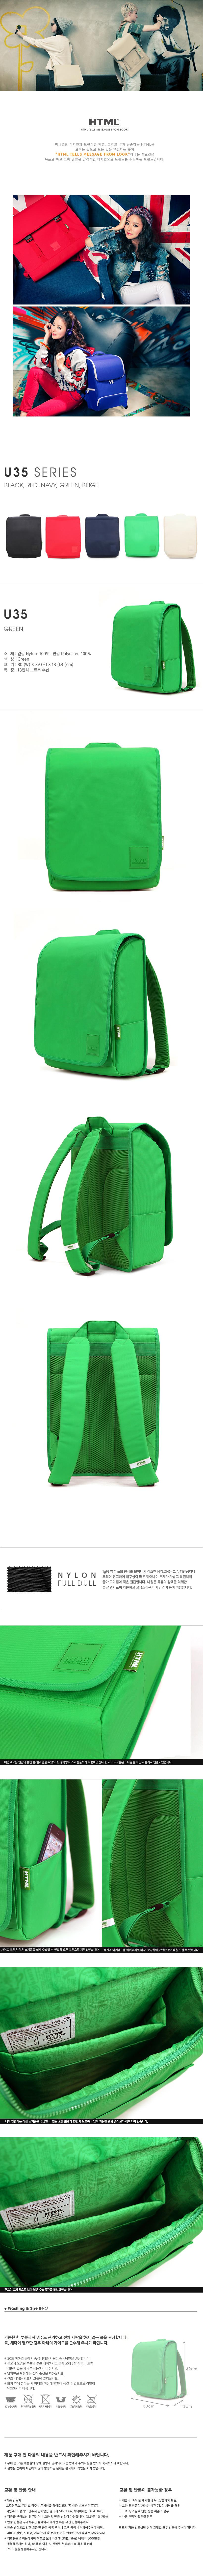 [에이치티엠엘]HTML - U35 backpack (Green)_인기백팩